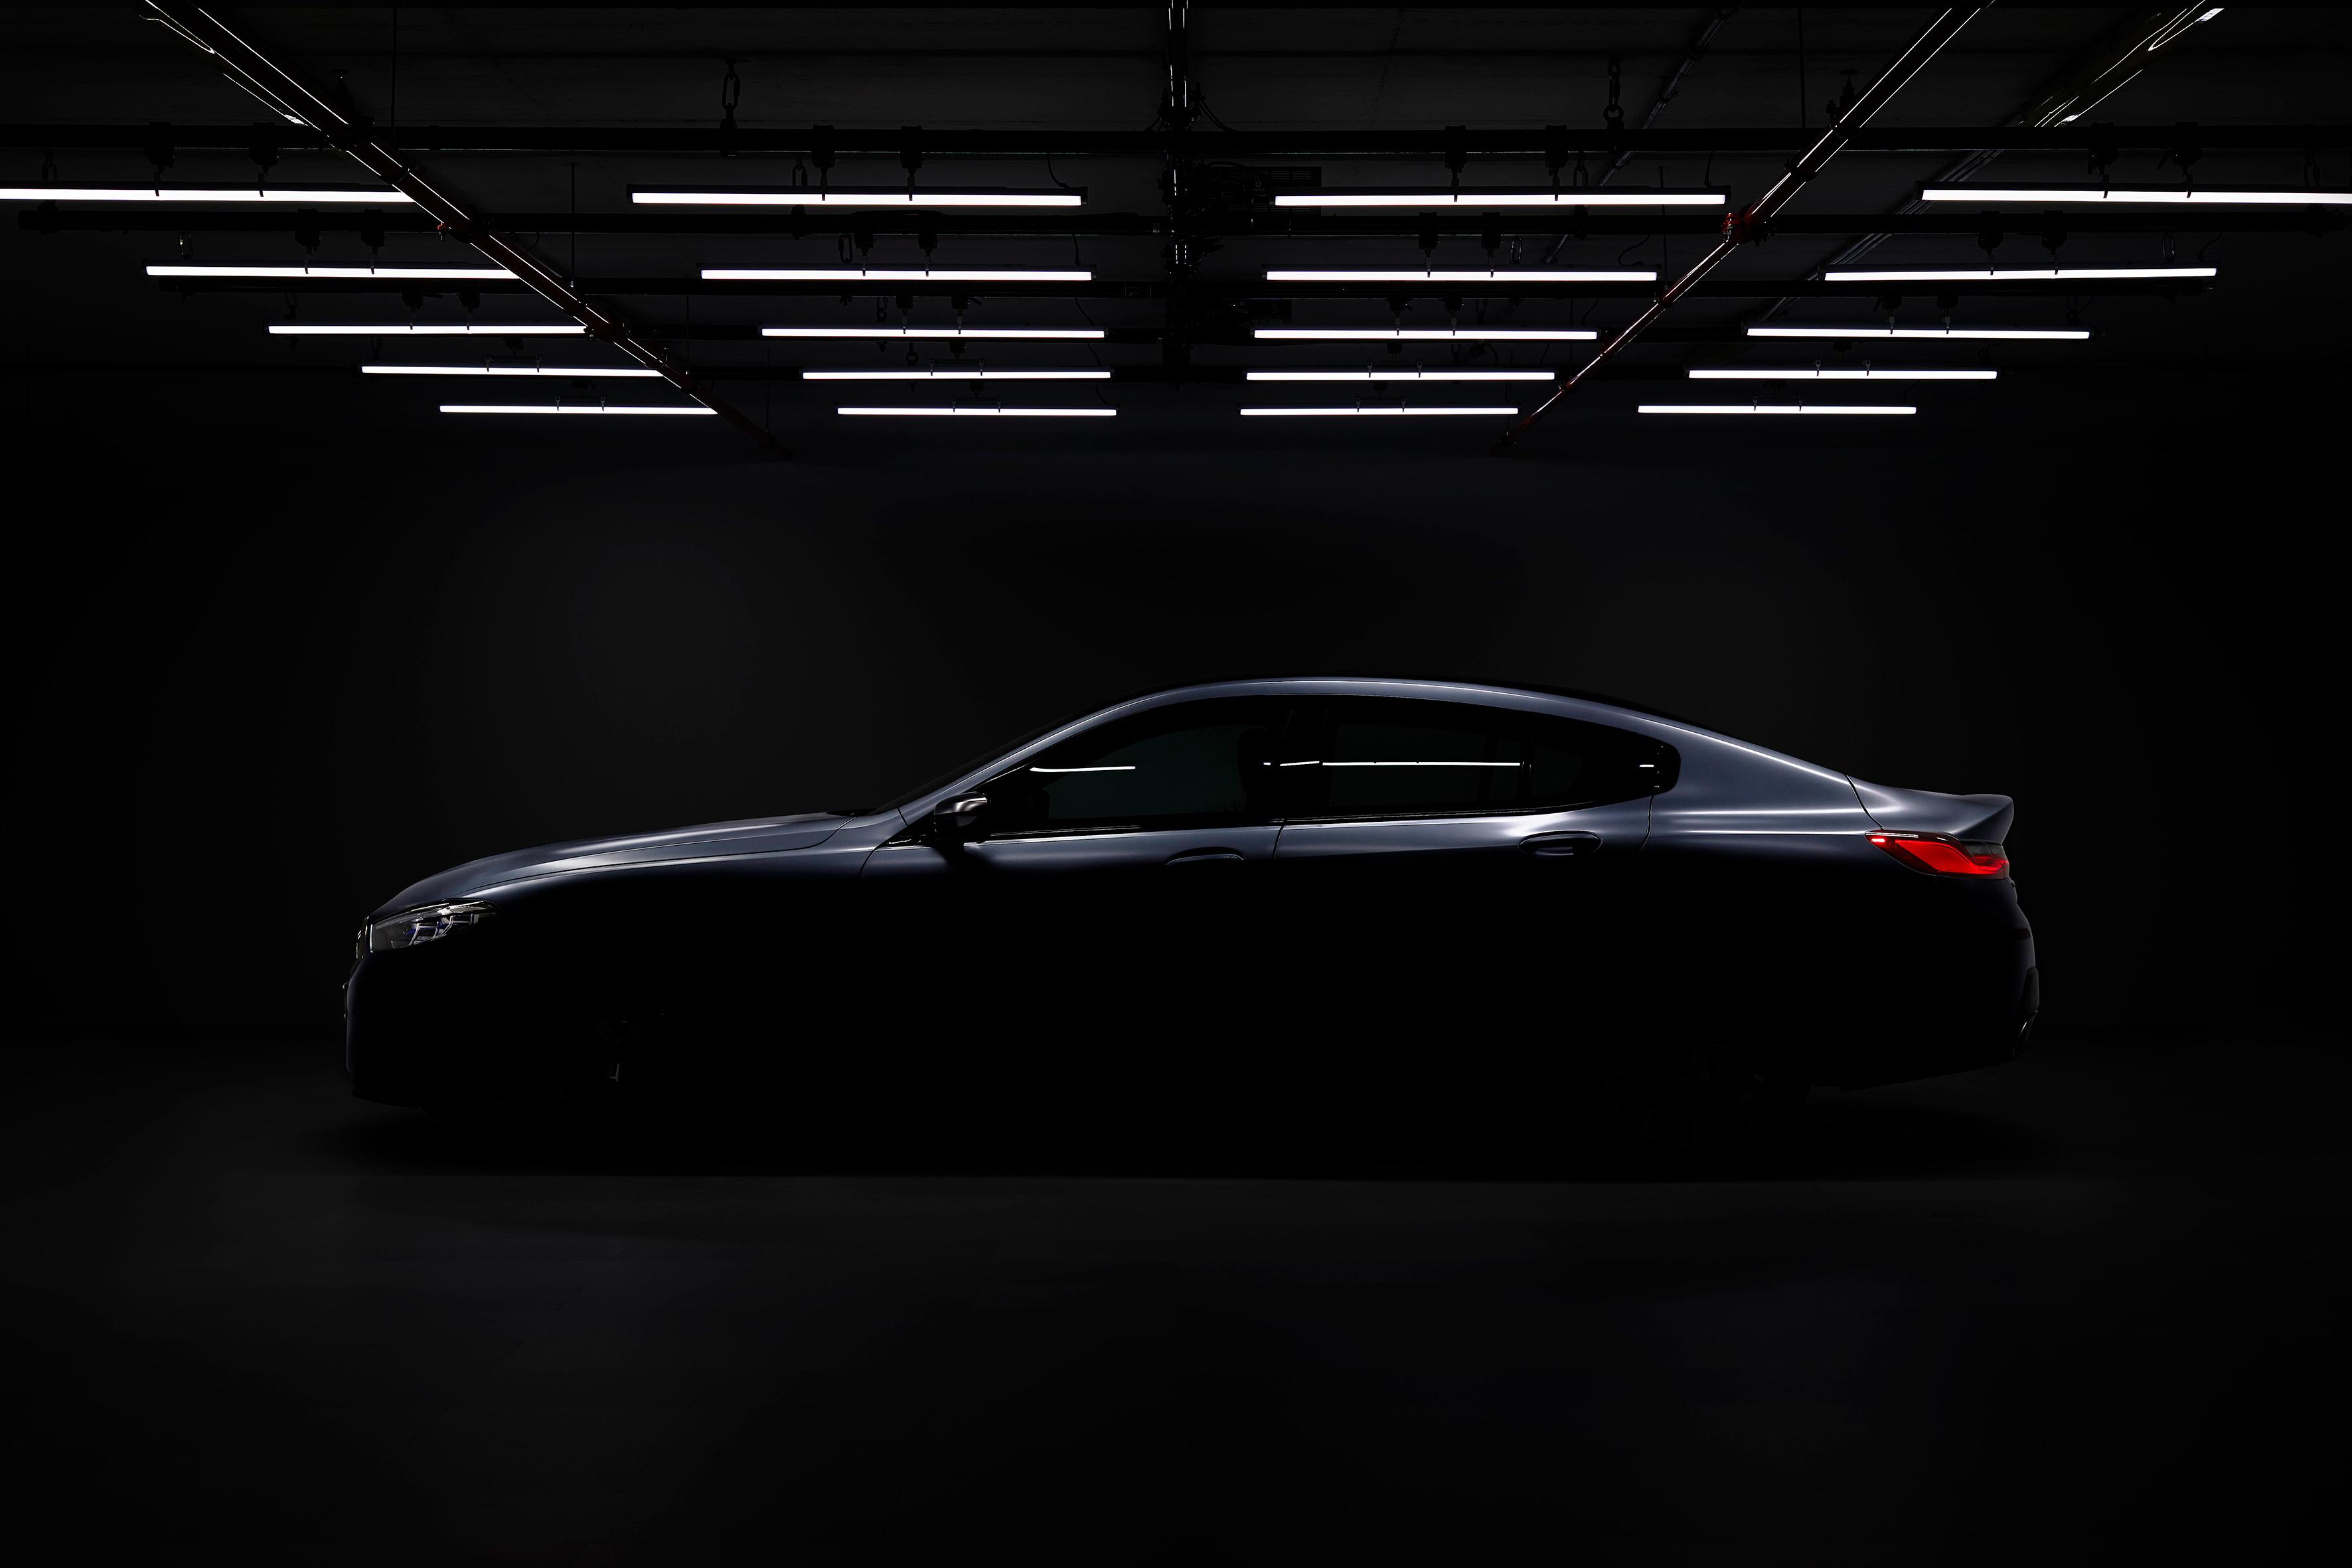 BMW Seria 8 Gran Coupe - eleganta sublima si un lux modern